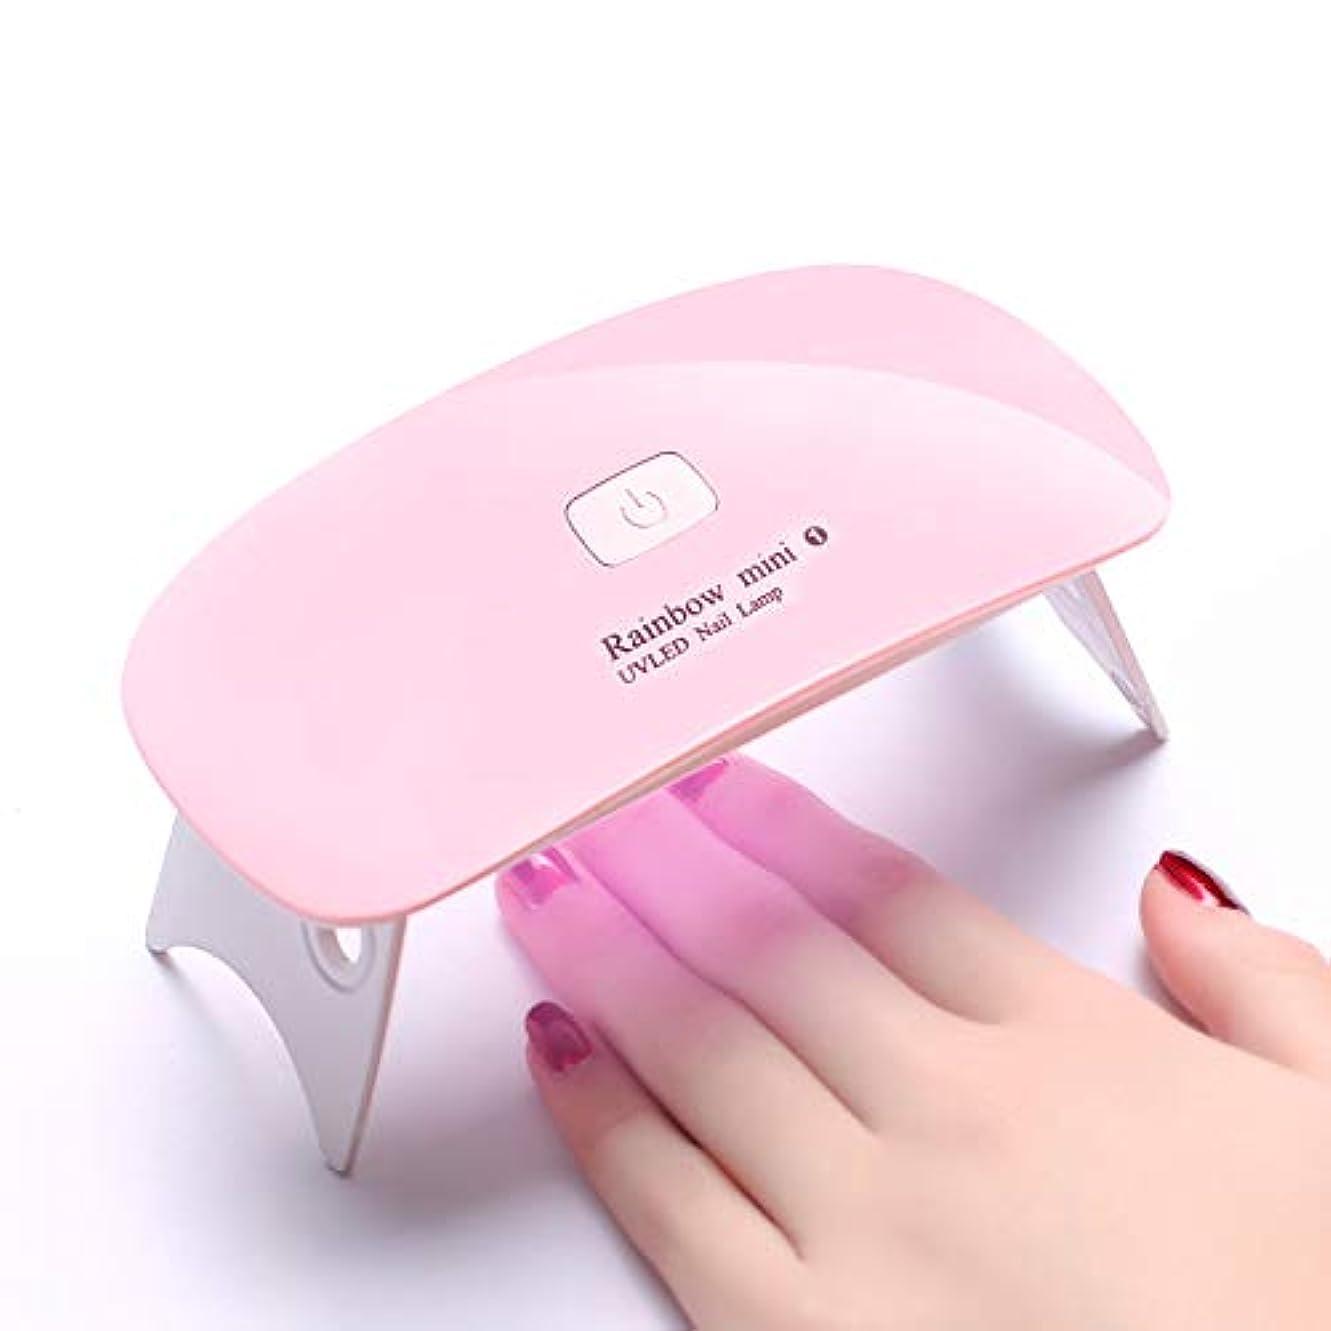 憂鬱なプログラムブラシLEDネイルドライヤー UVライトRaintern タイマー設定可能 折りたたみ式手足とも使える 人感センサー式 LED 硬化ライト UV と LEDダブルライト ジェルネイル用 ピンク